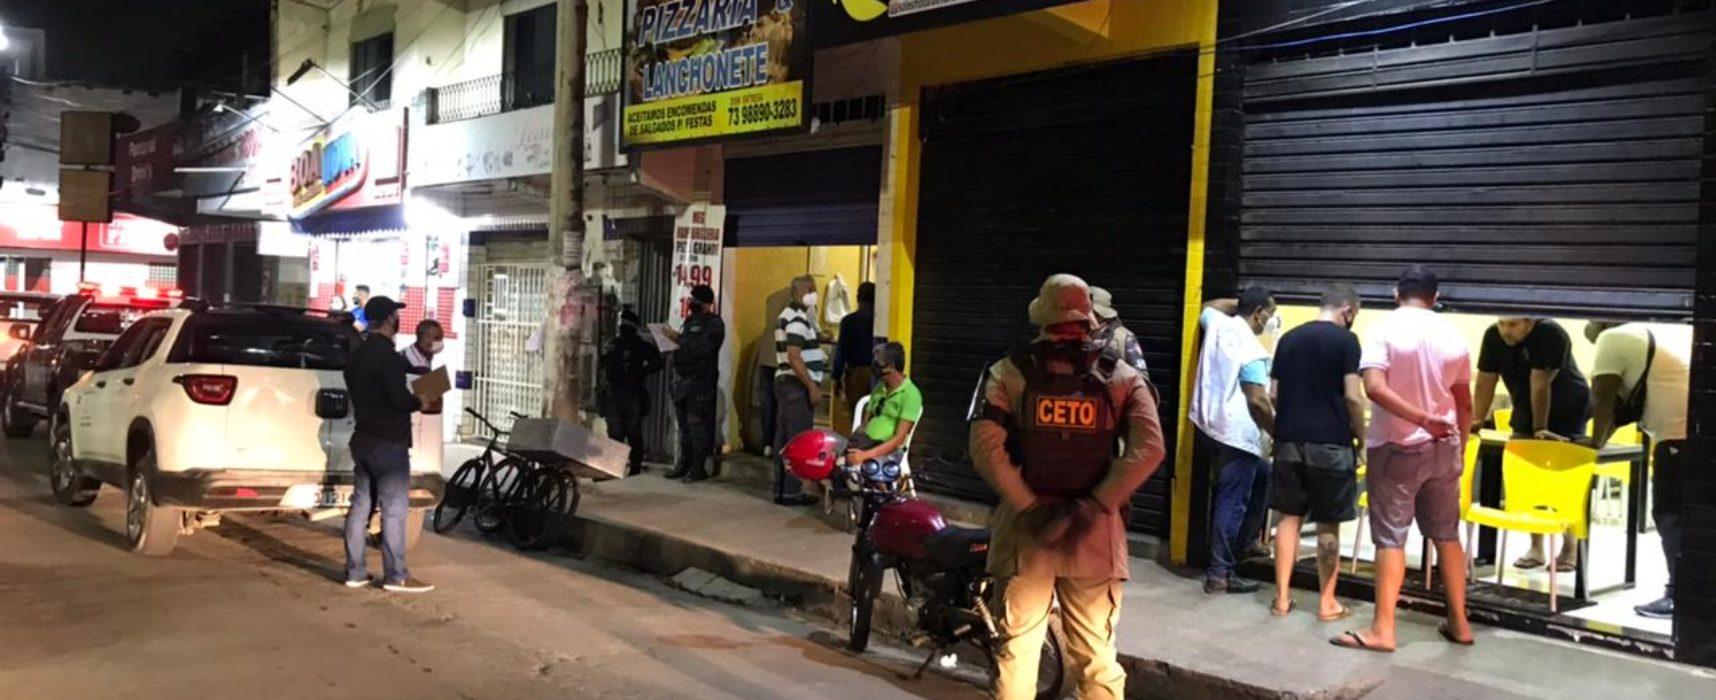 Prefeitura reforça medidas de restrição à circulação de pessoas e trânsito noturno